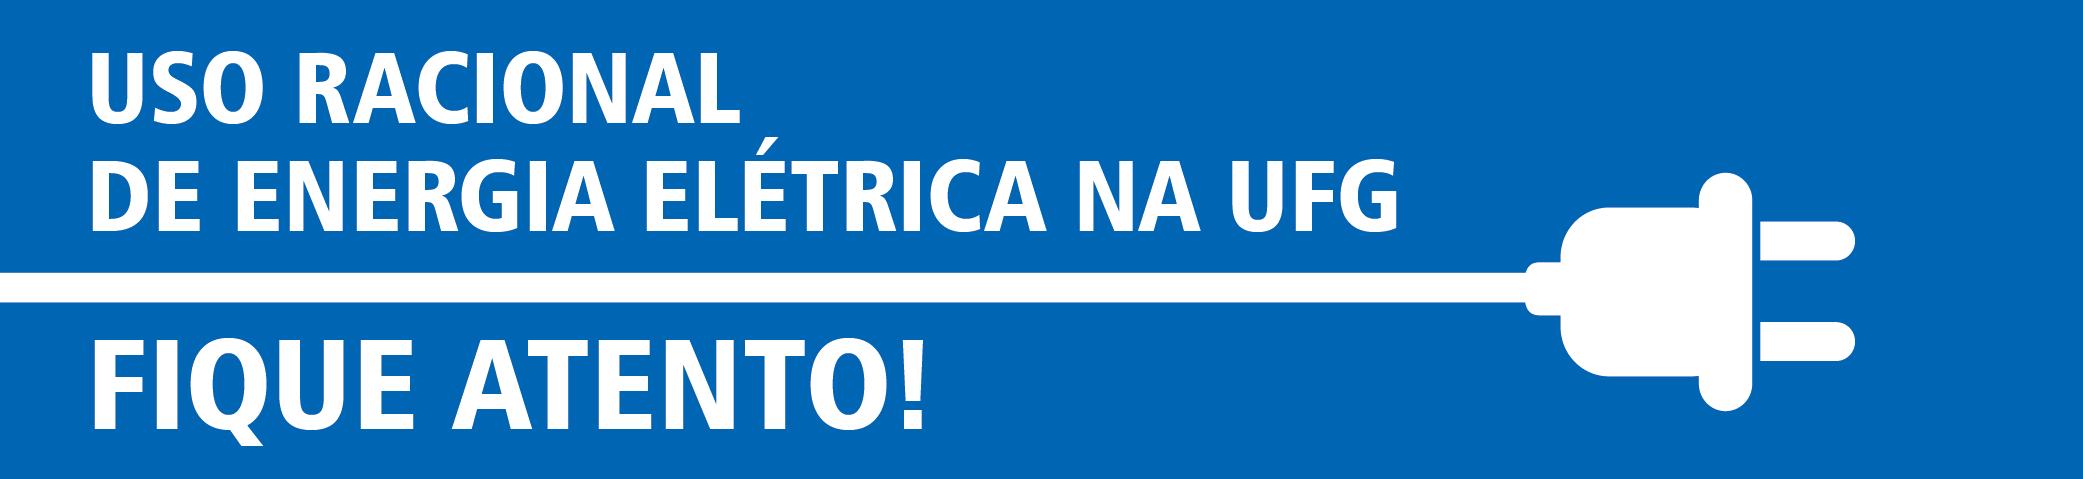 Banner 1200 x 240